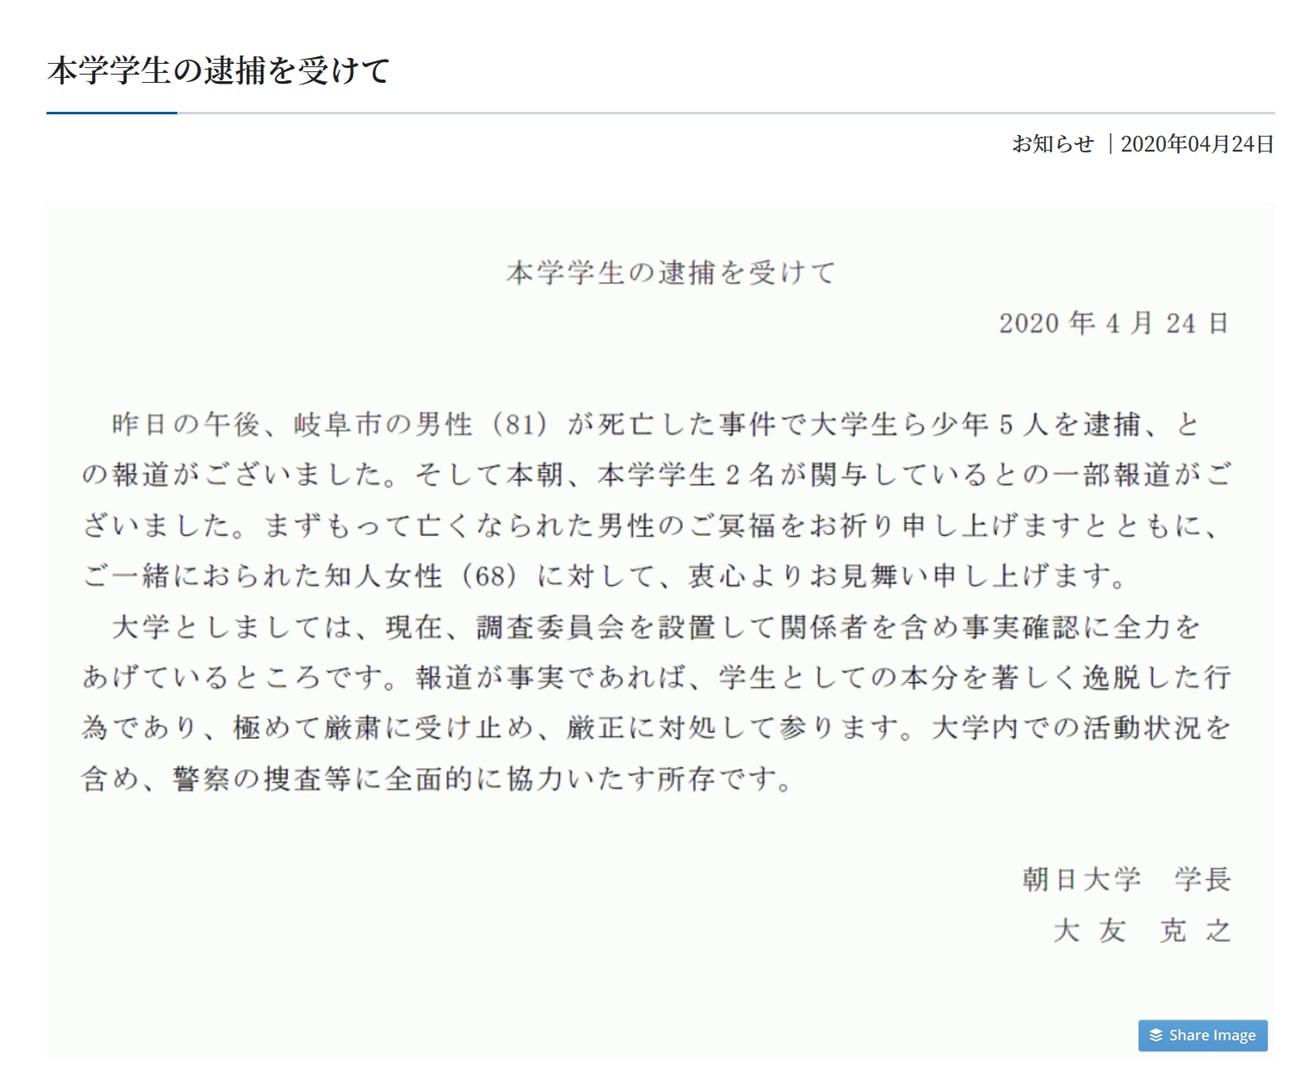 朝日大学のHPに掲載された学生逮捕に関する画像化された声明文章